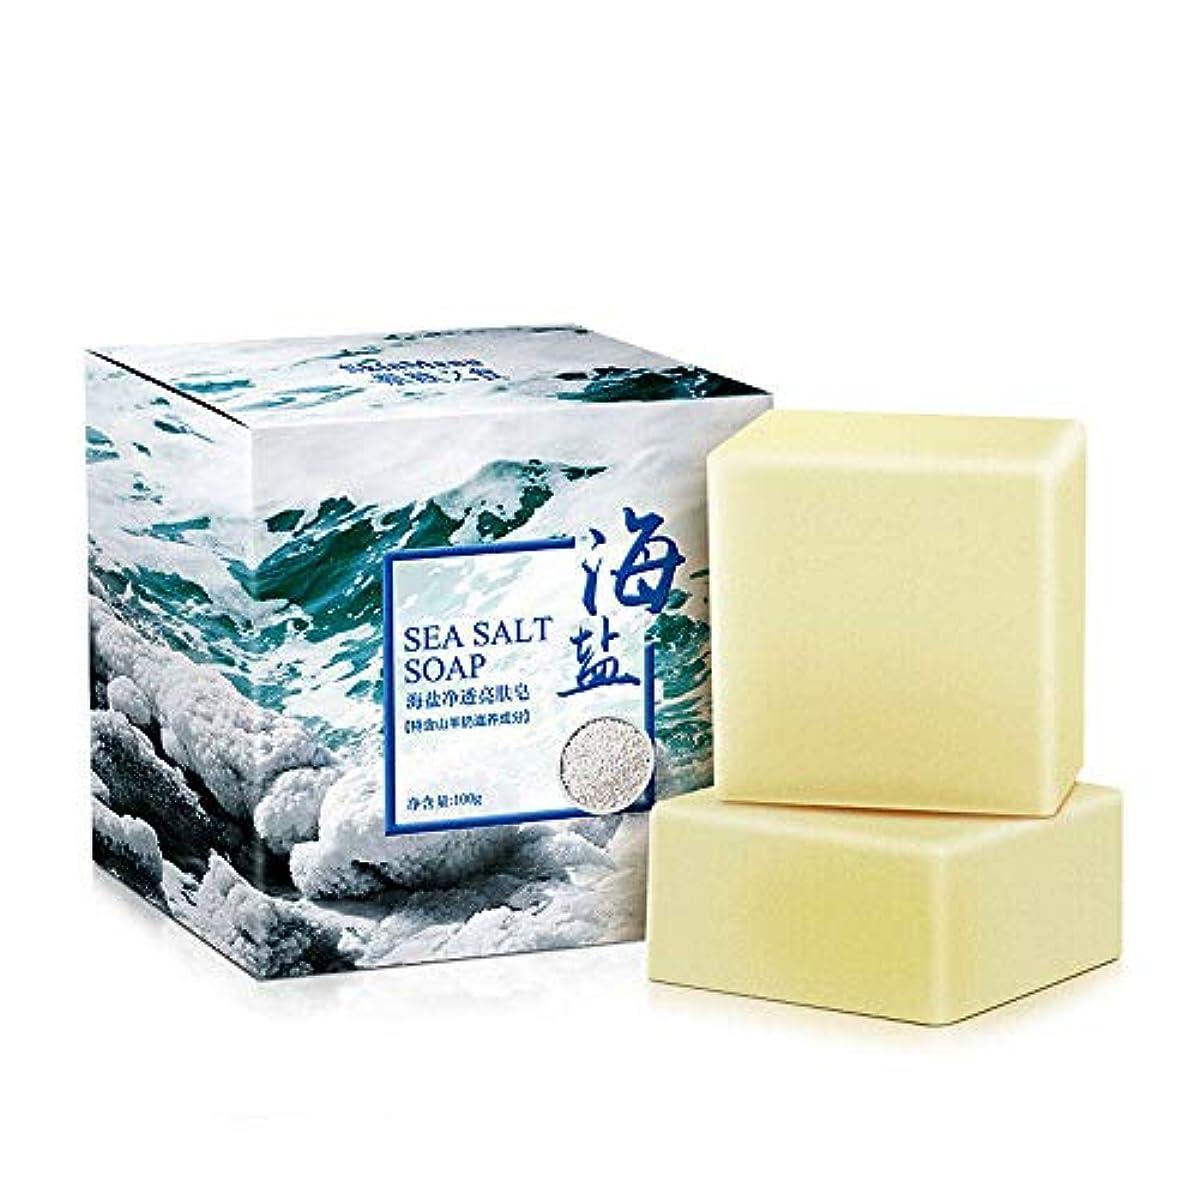 杖ブレスアサートせっけん 石鹸 海塩 山羊乳 洗顔 ボディ用 浴用せっけん しっとり肌 植物性 無添加 白い 100g×1個入 (#2)